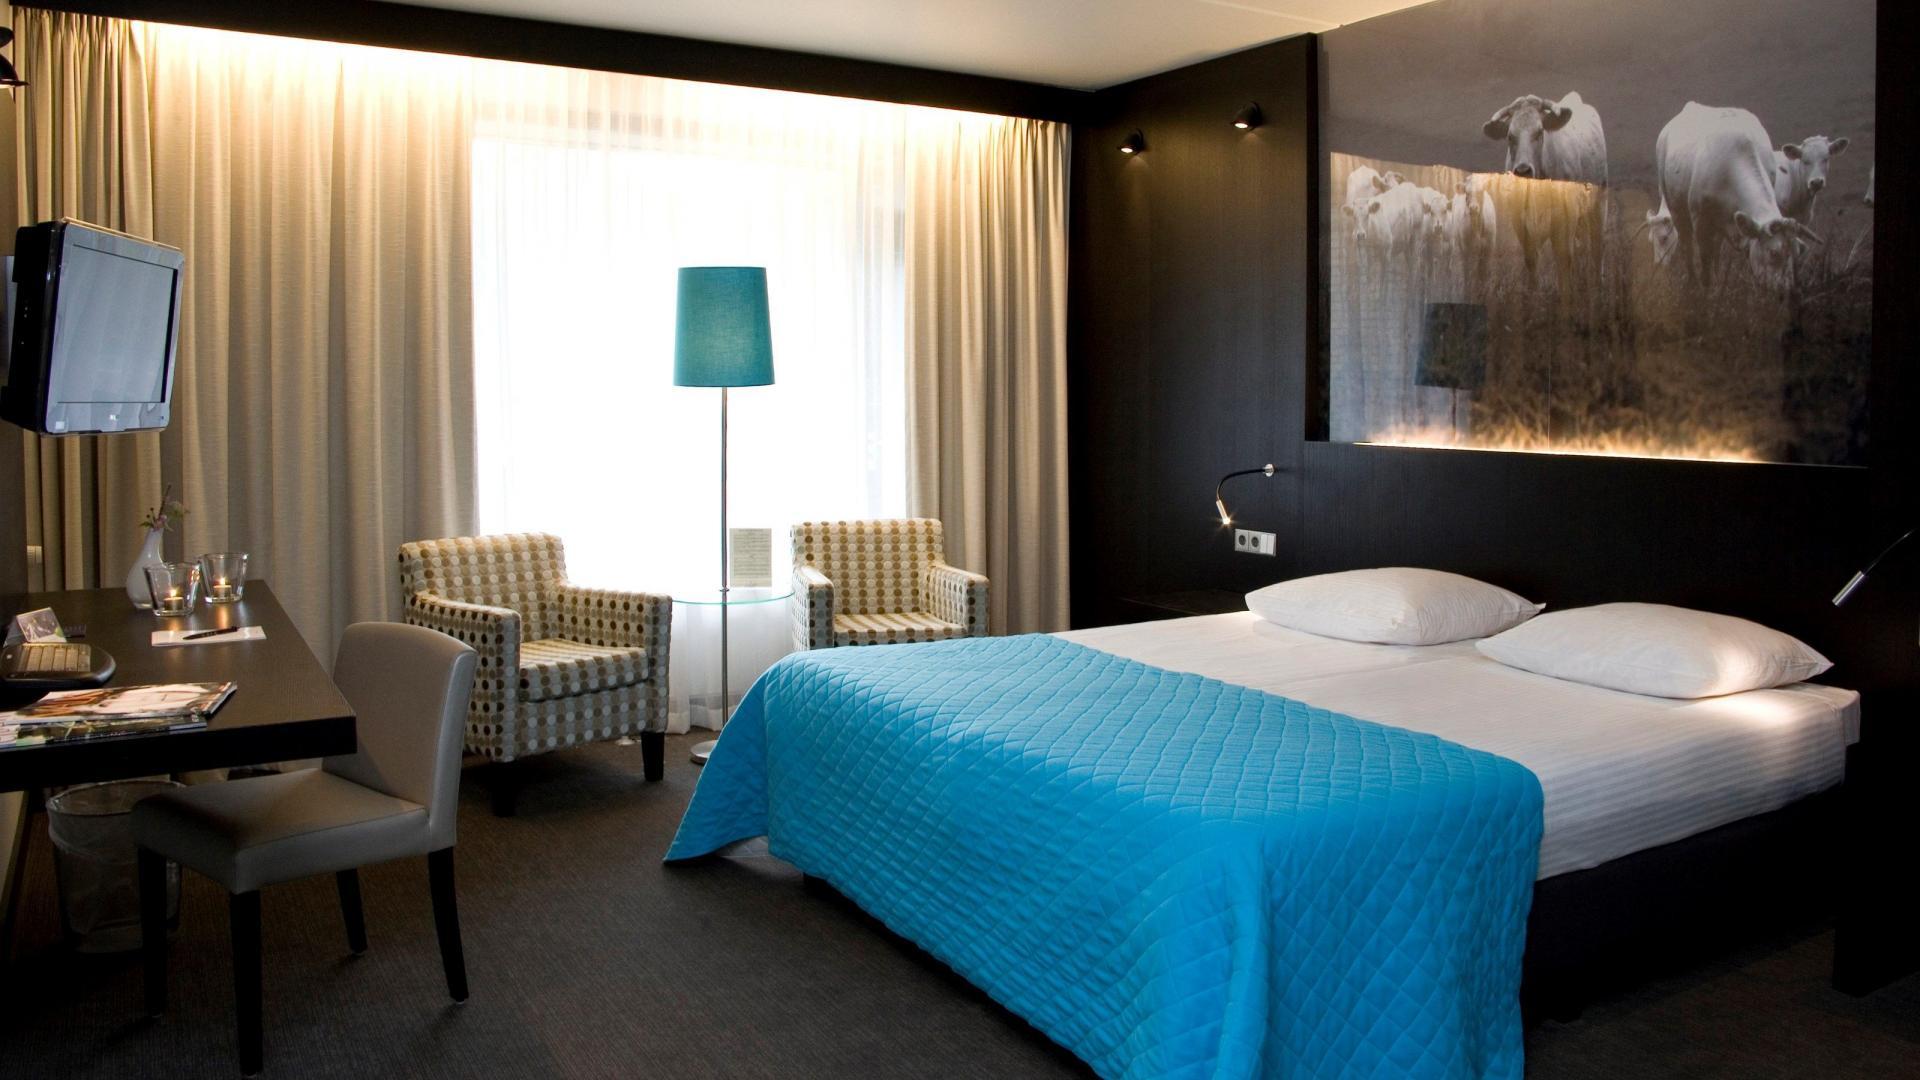 4 dagen 4*-Van der Valk hotel in de bossen van <b>Arnhem</b>